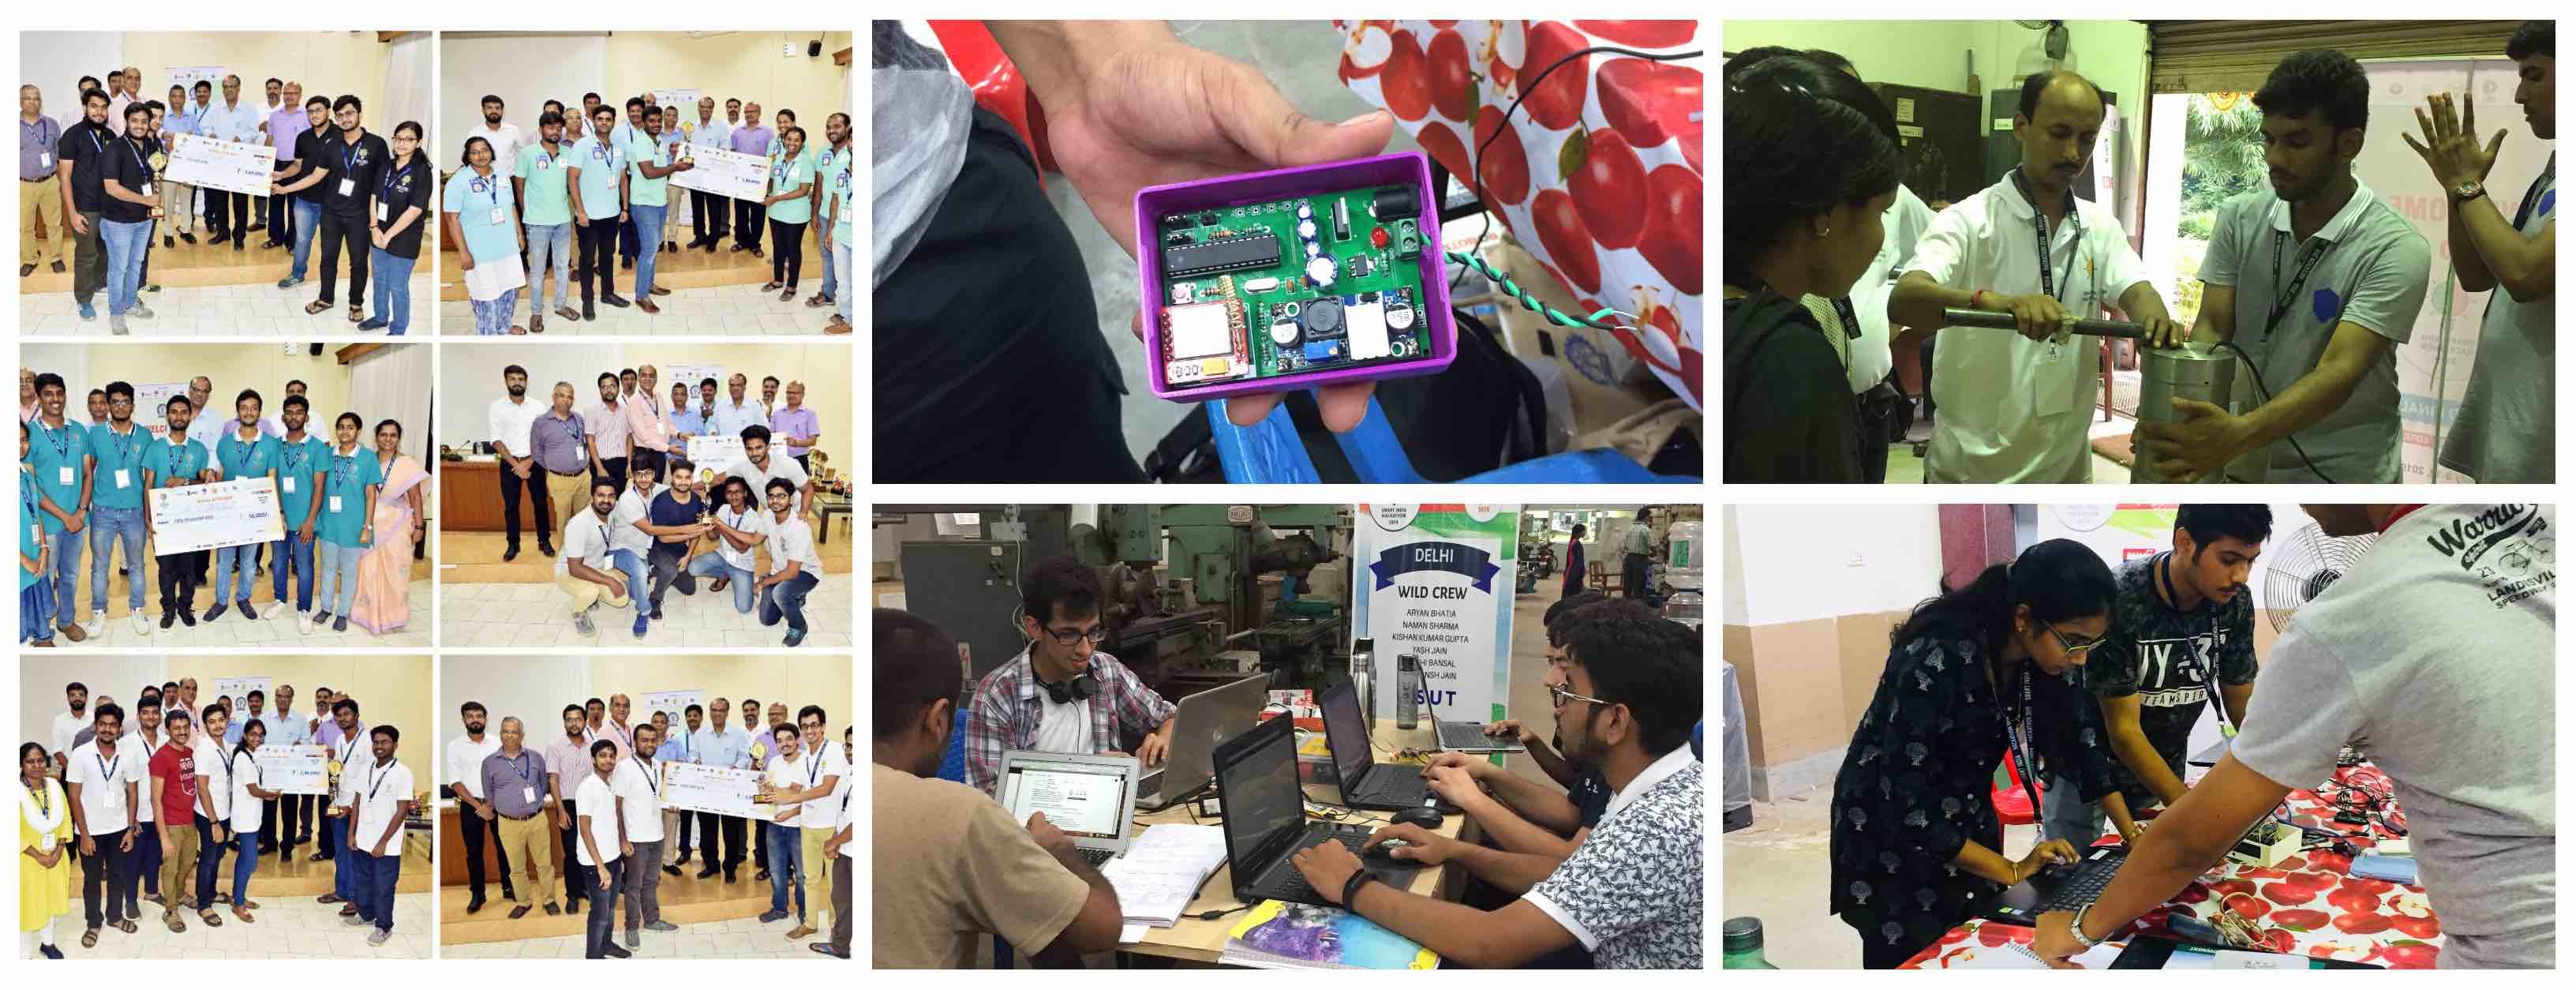 Smart Sensors for Smarter India @SIH2019